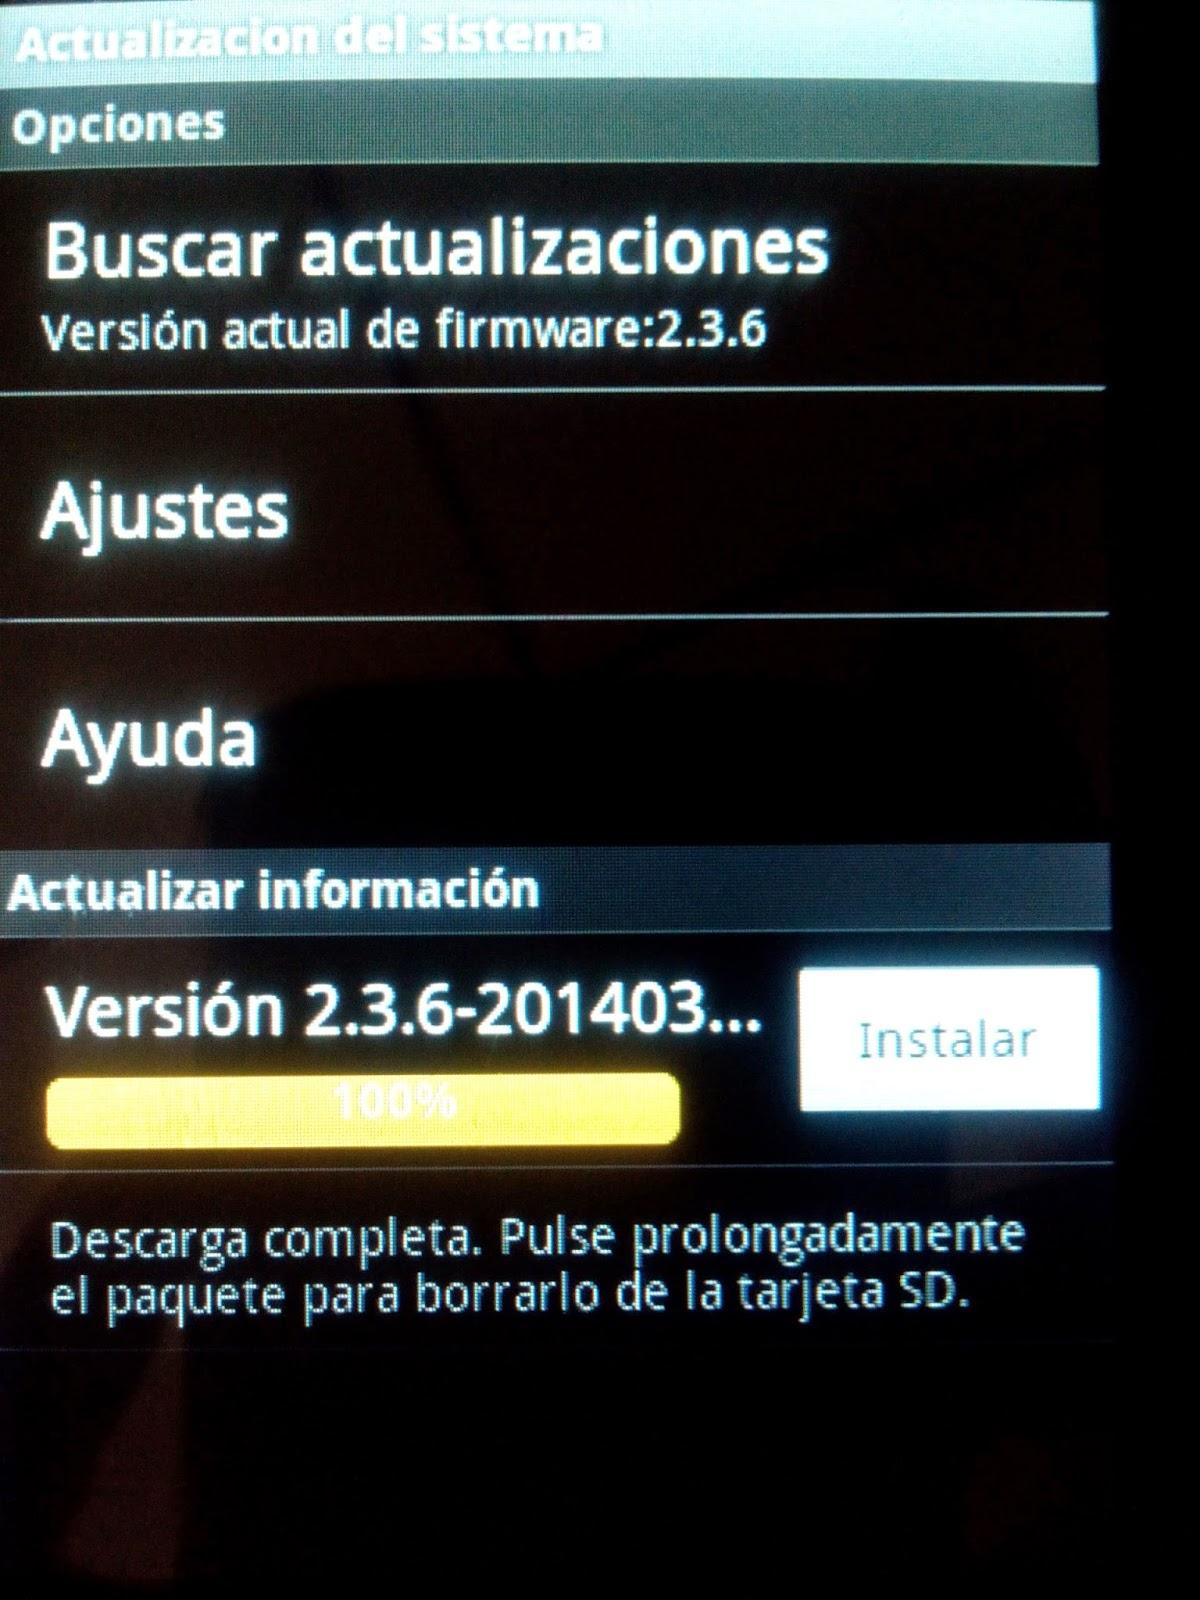 actualizacion del firmware actualizado para ser compatible con son